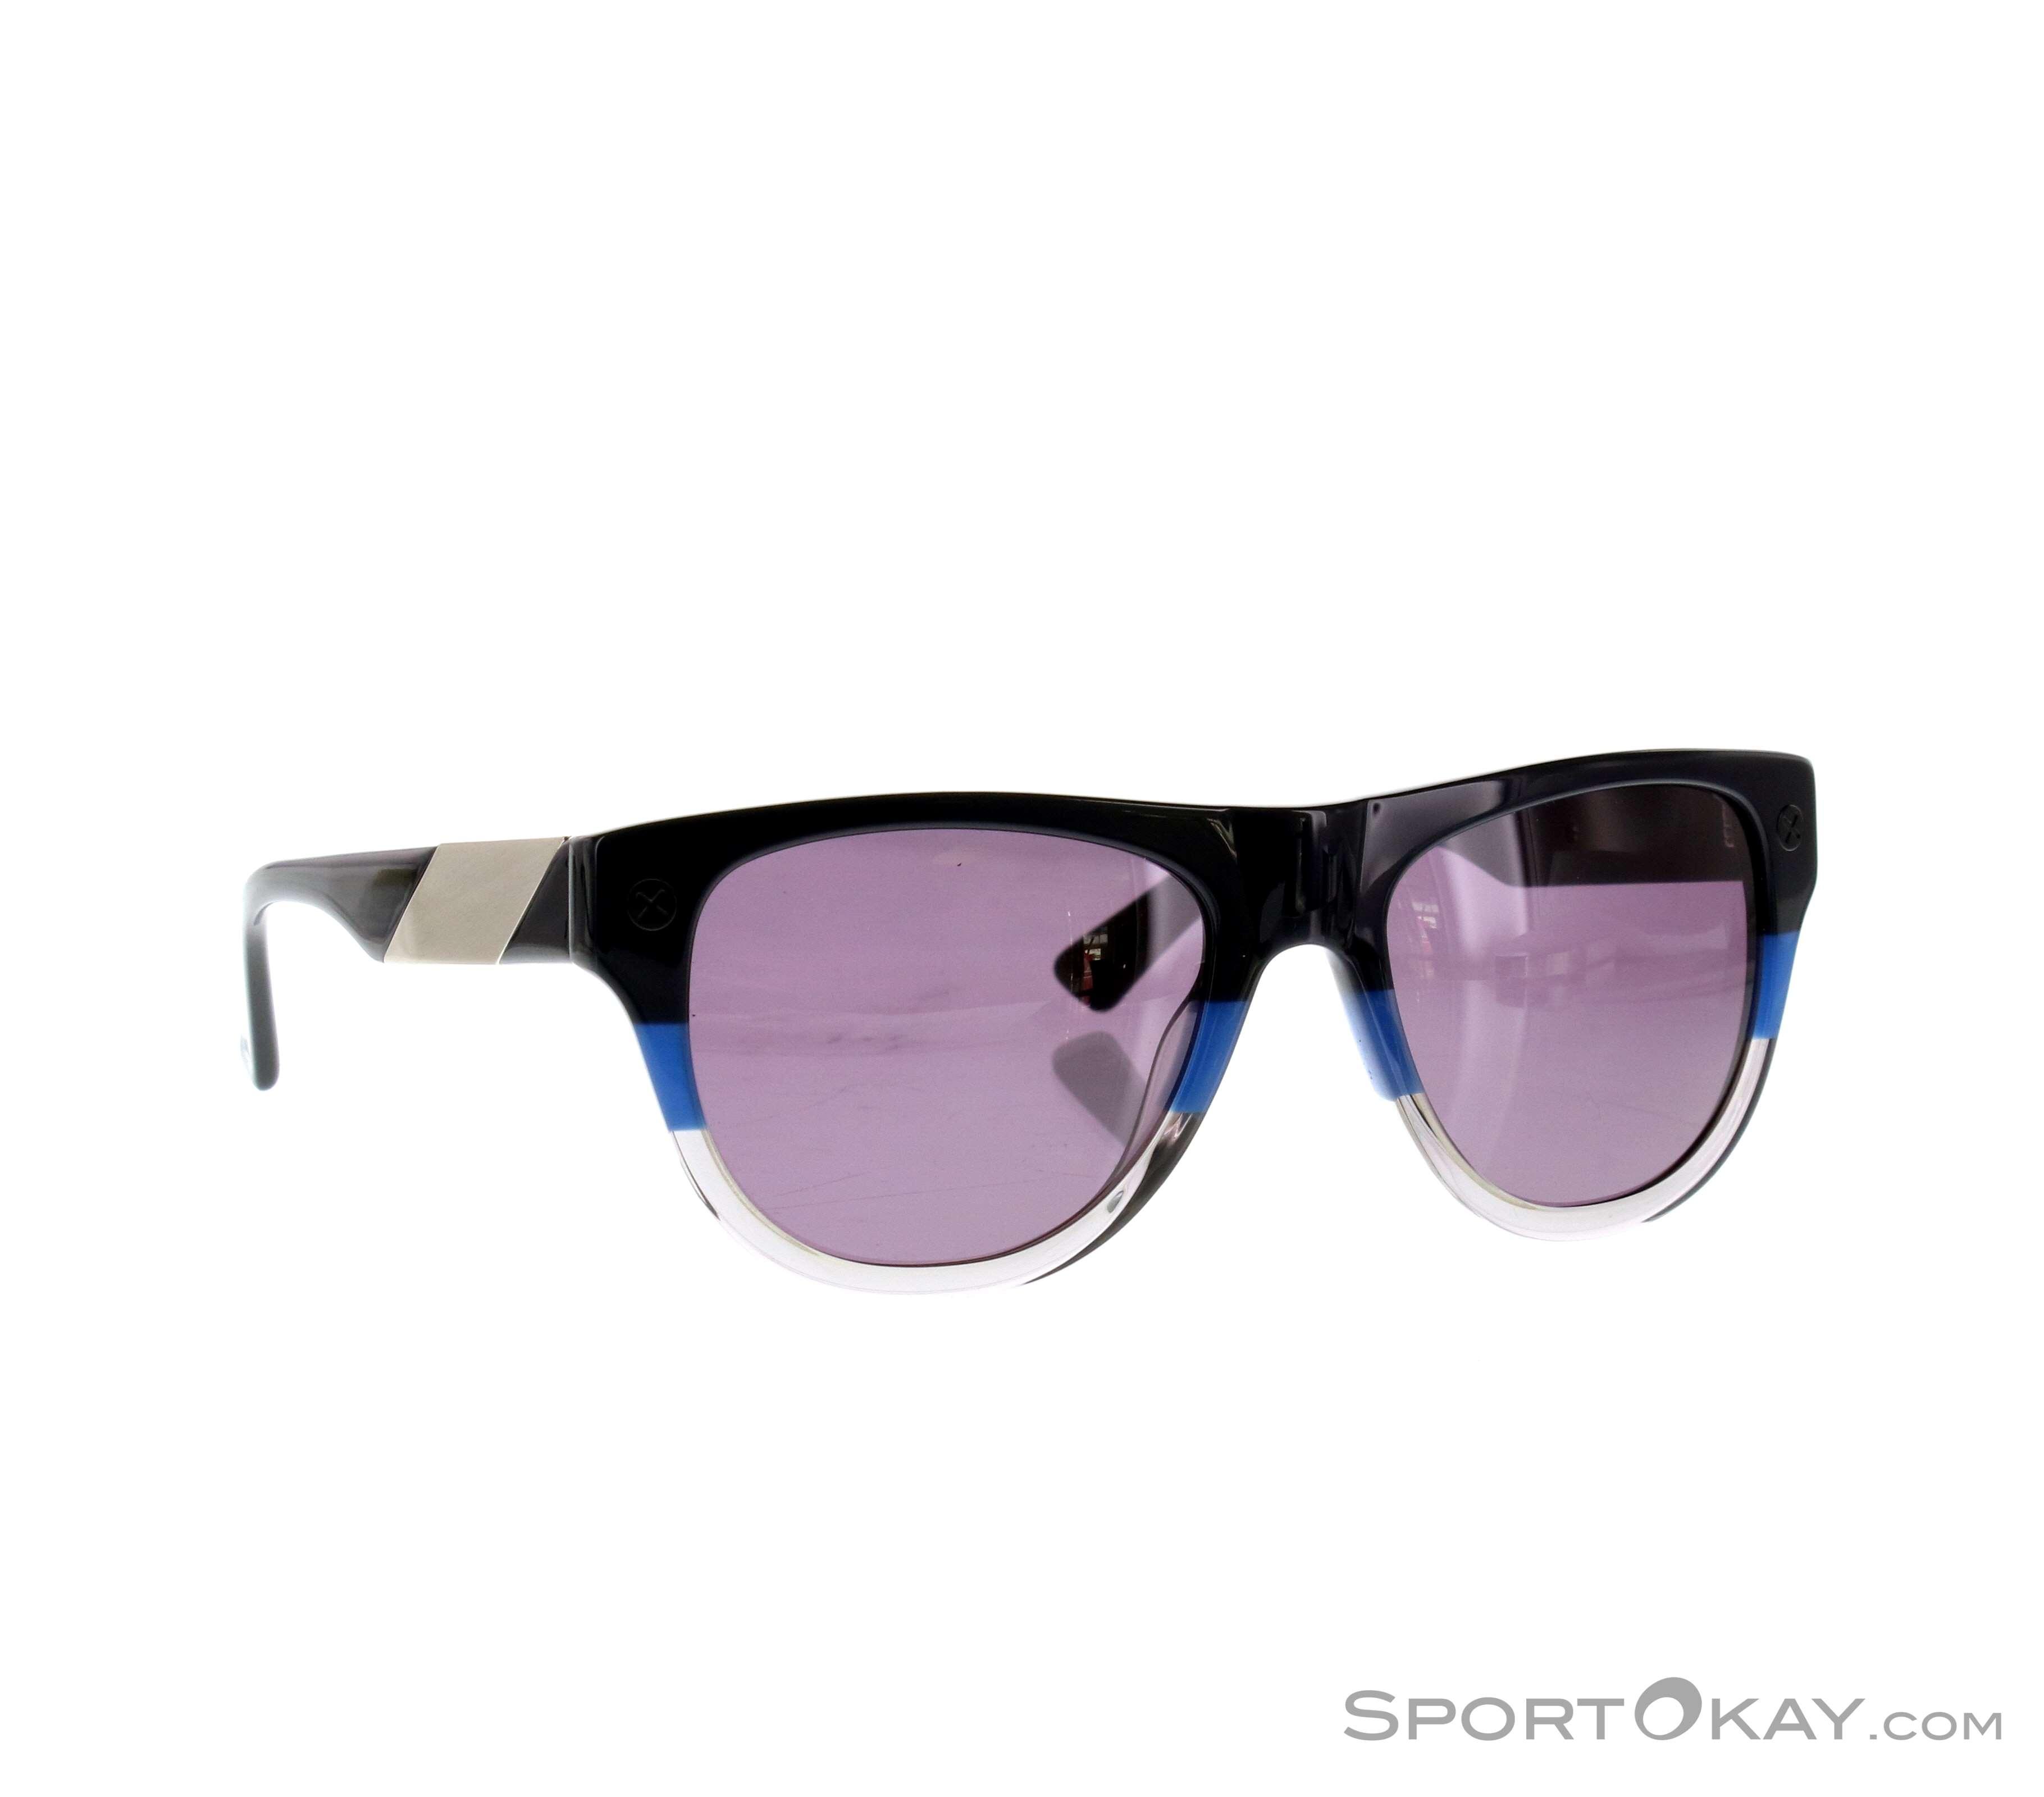 Sonnenbrille HIGGINS von 100% mfUKkFk